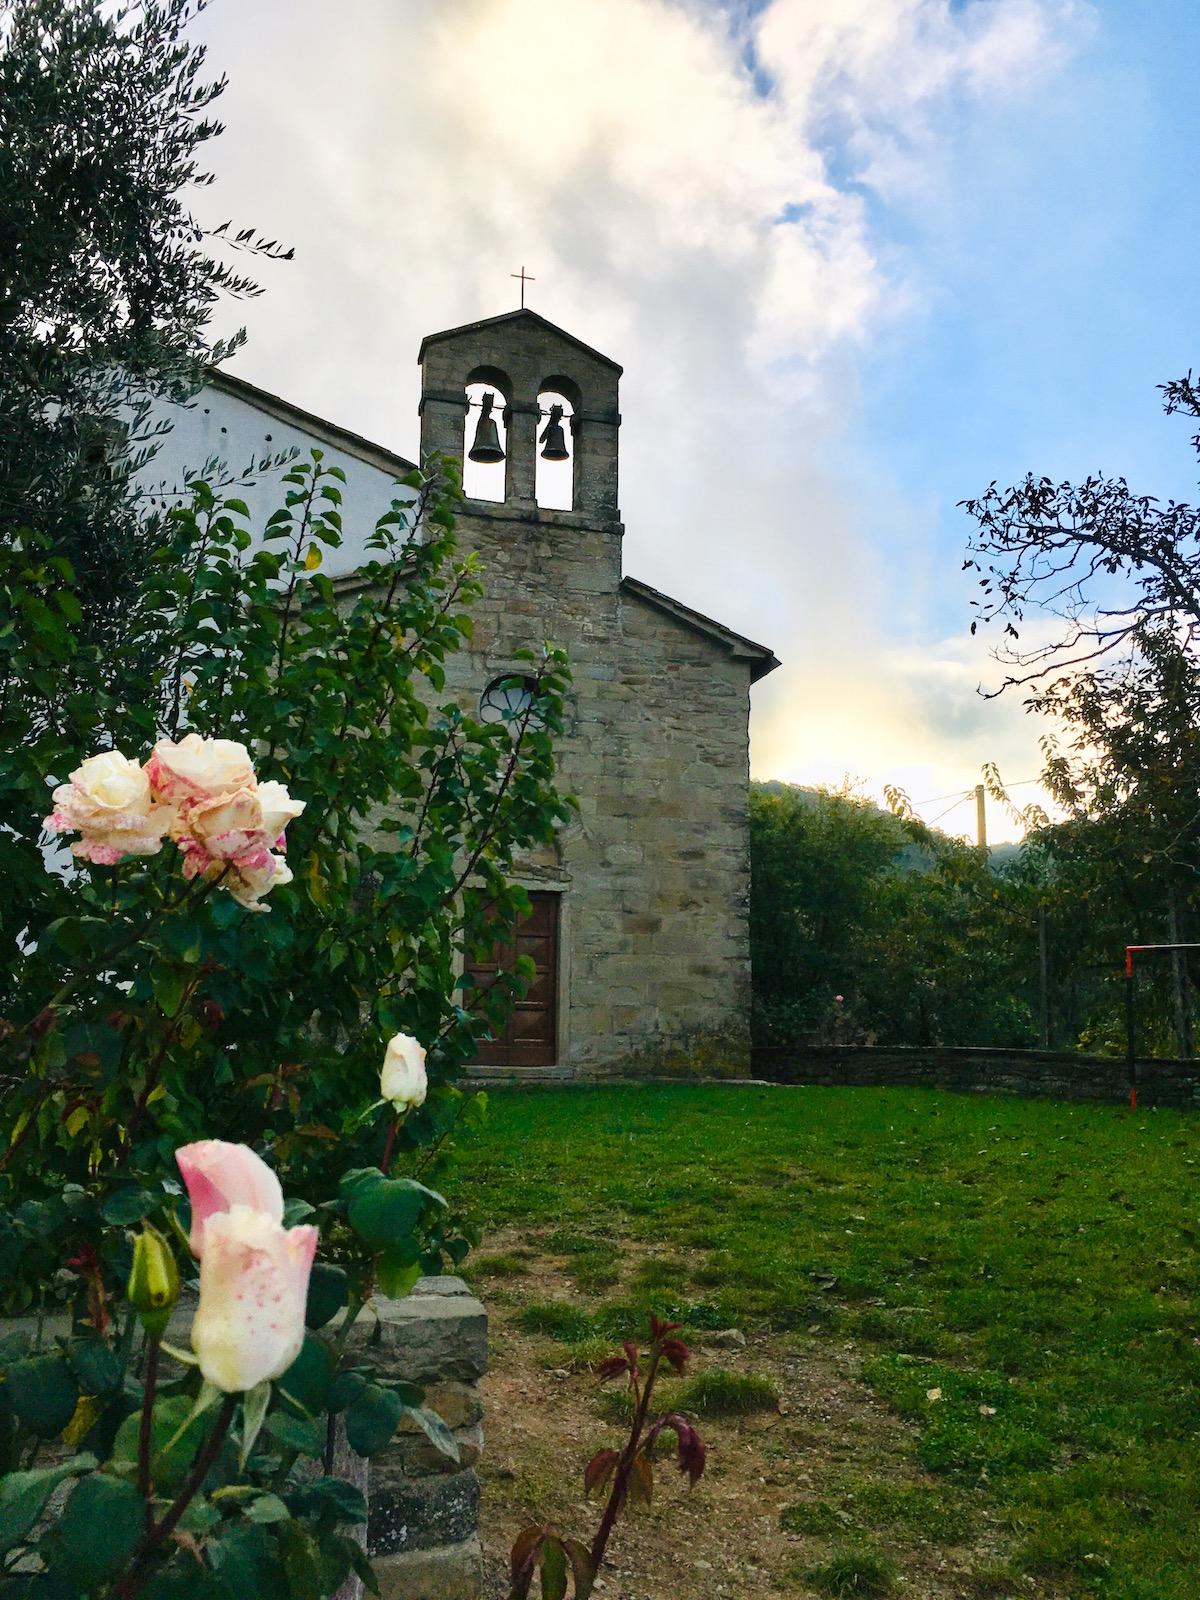 Agriturismo Sant'Agata in Toscane